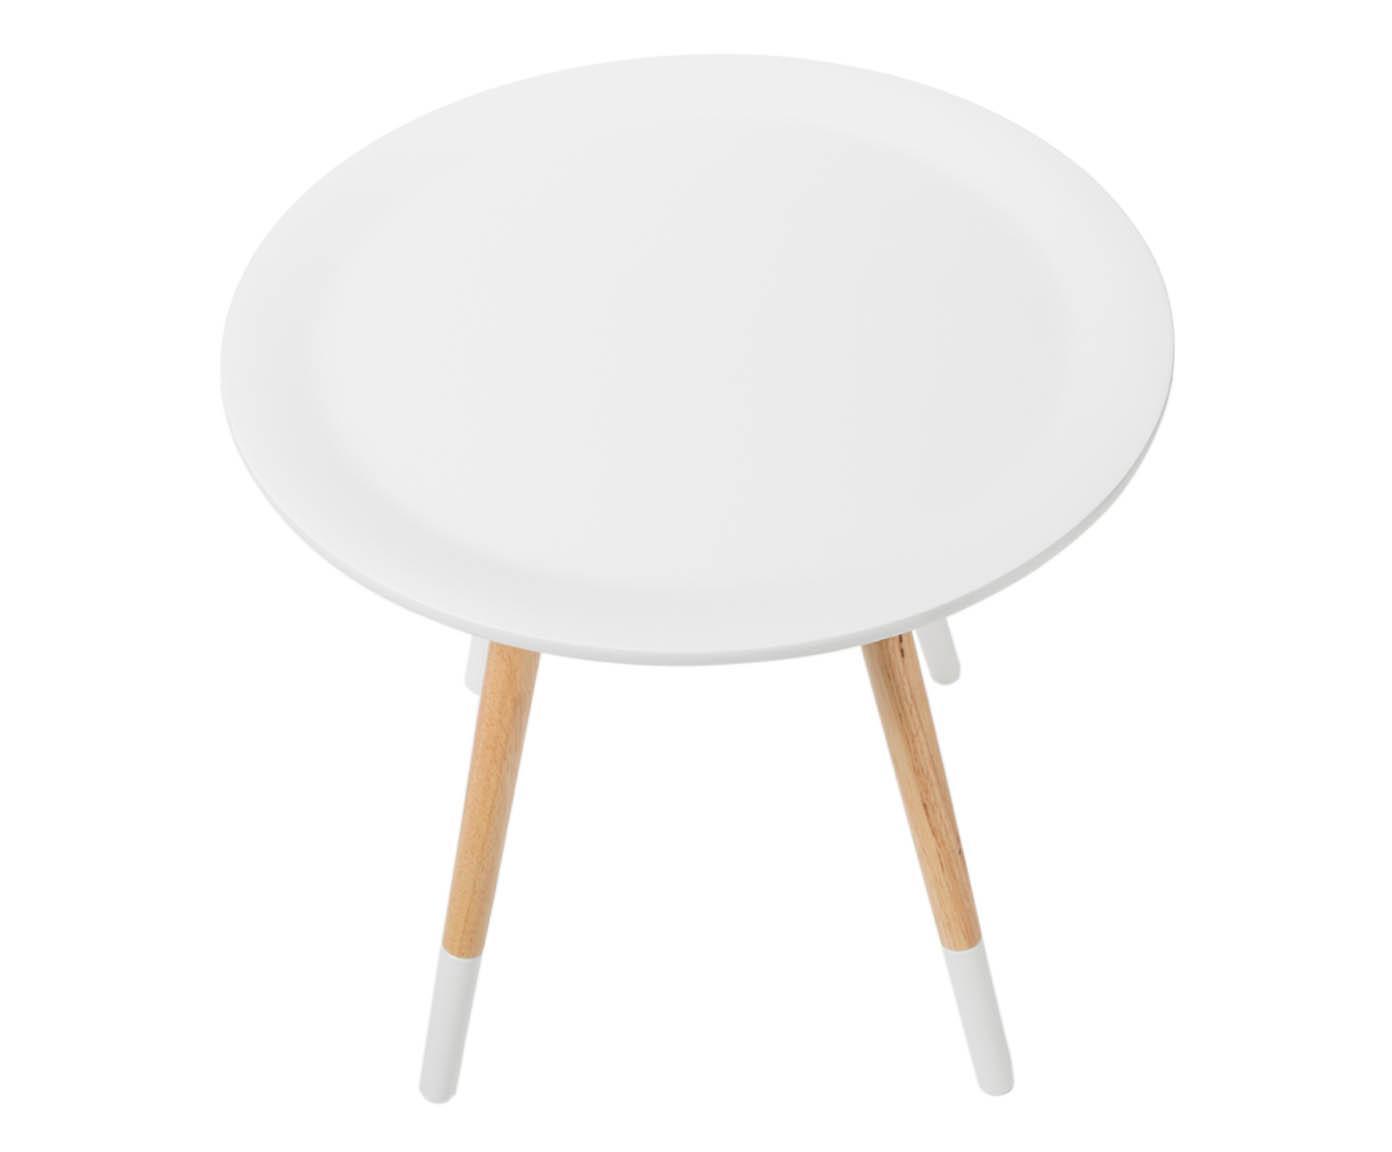 Beistelltisch Two Tone, Tischplatte: Mitteldichte Holzfaserpla, Weiß, Kautschukholz, Ø 48 x H 48 cm